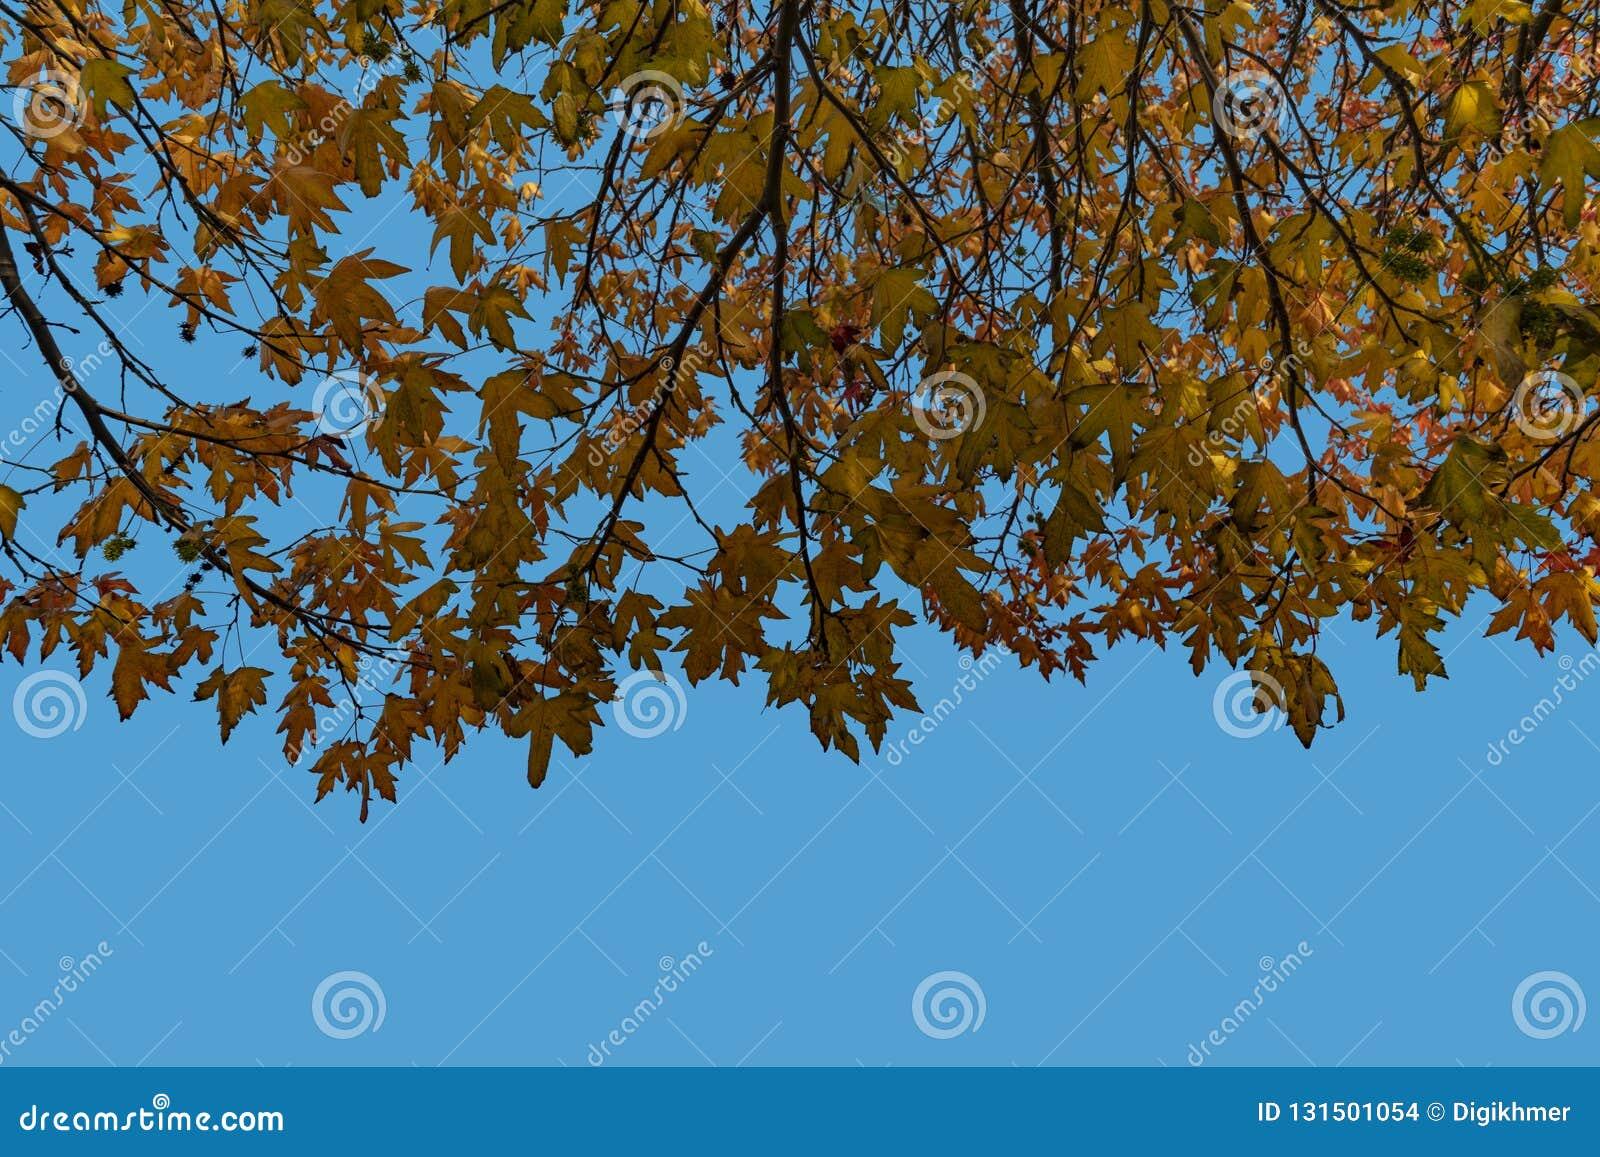 槭树生叶反对天空蔚蓝